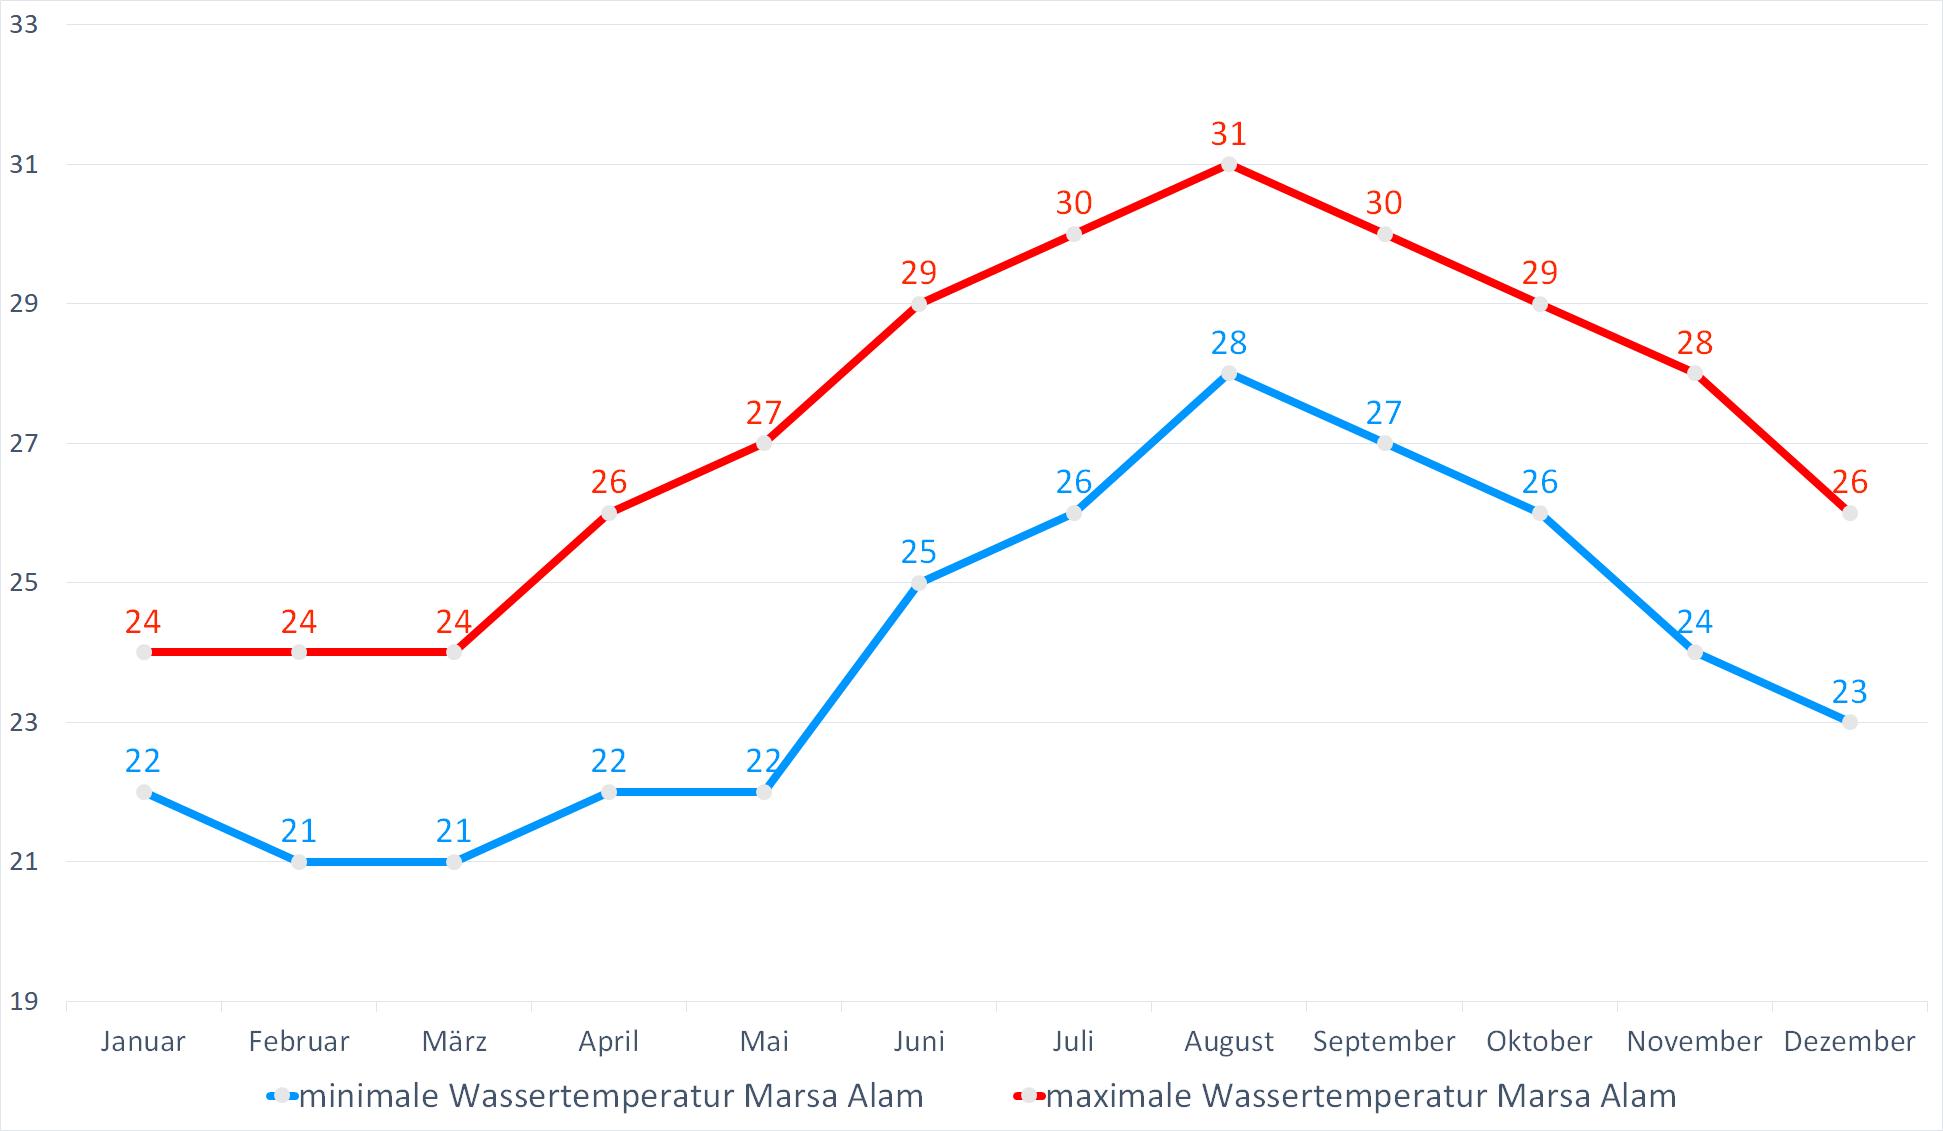 Minimale & Maximale Wassertemperaturen für Marsa Alam im Jahresverlauf